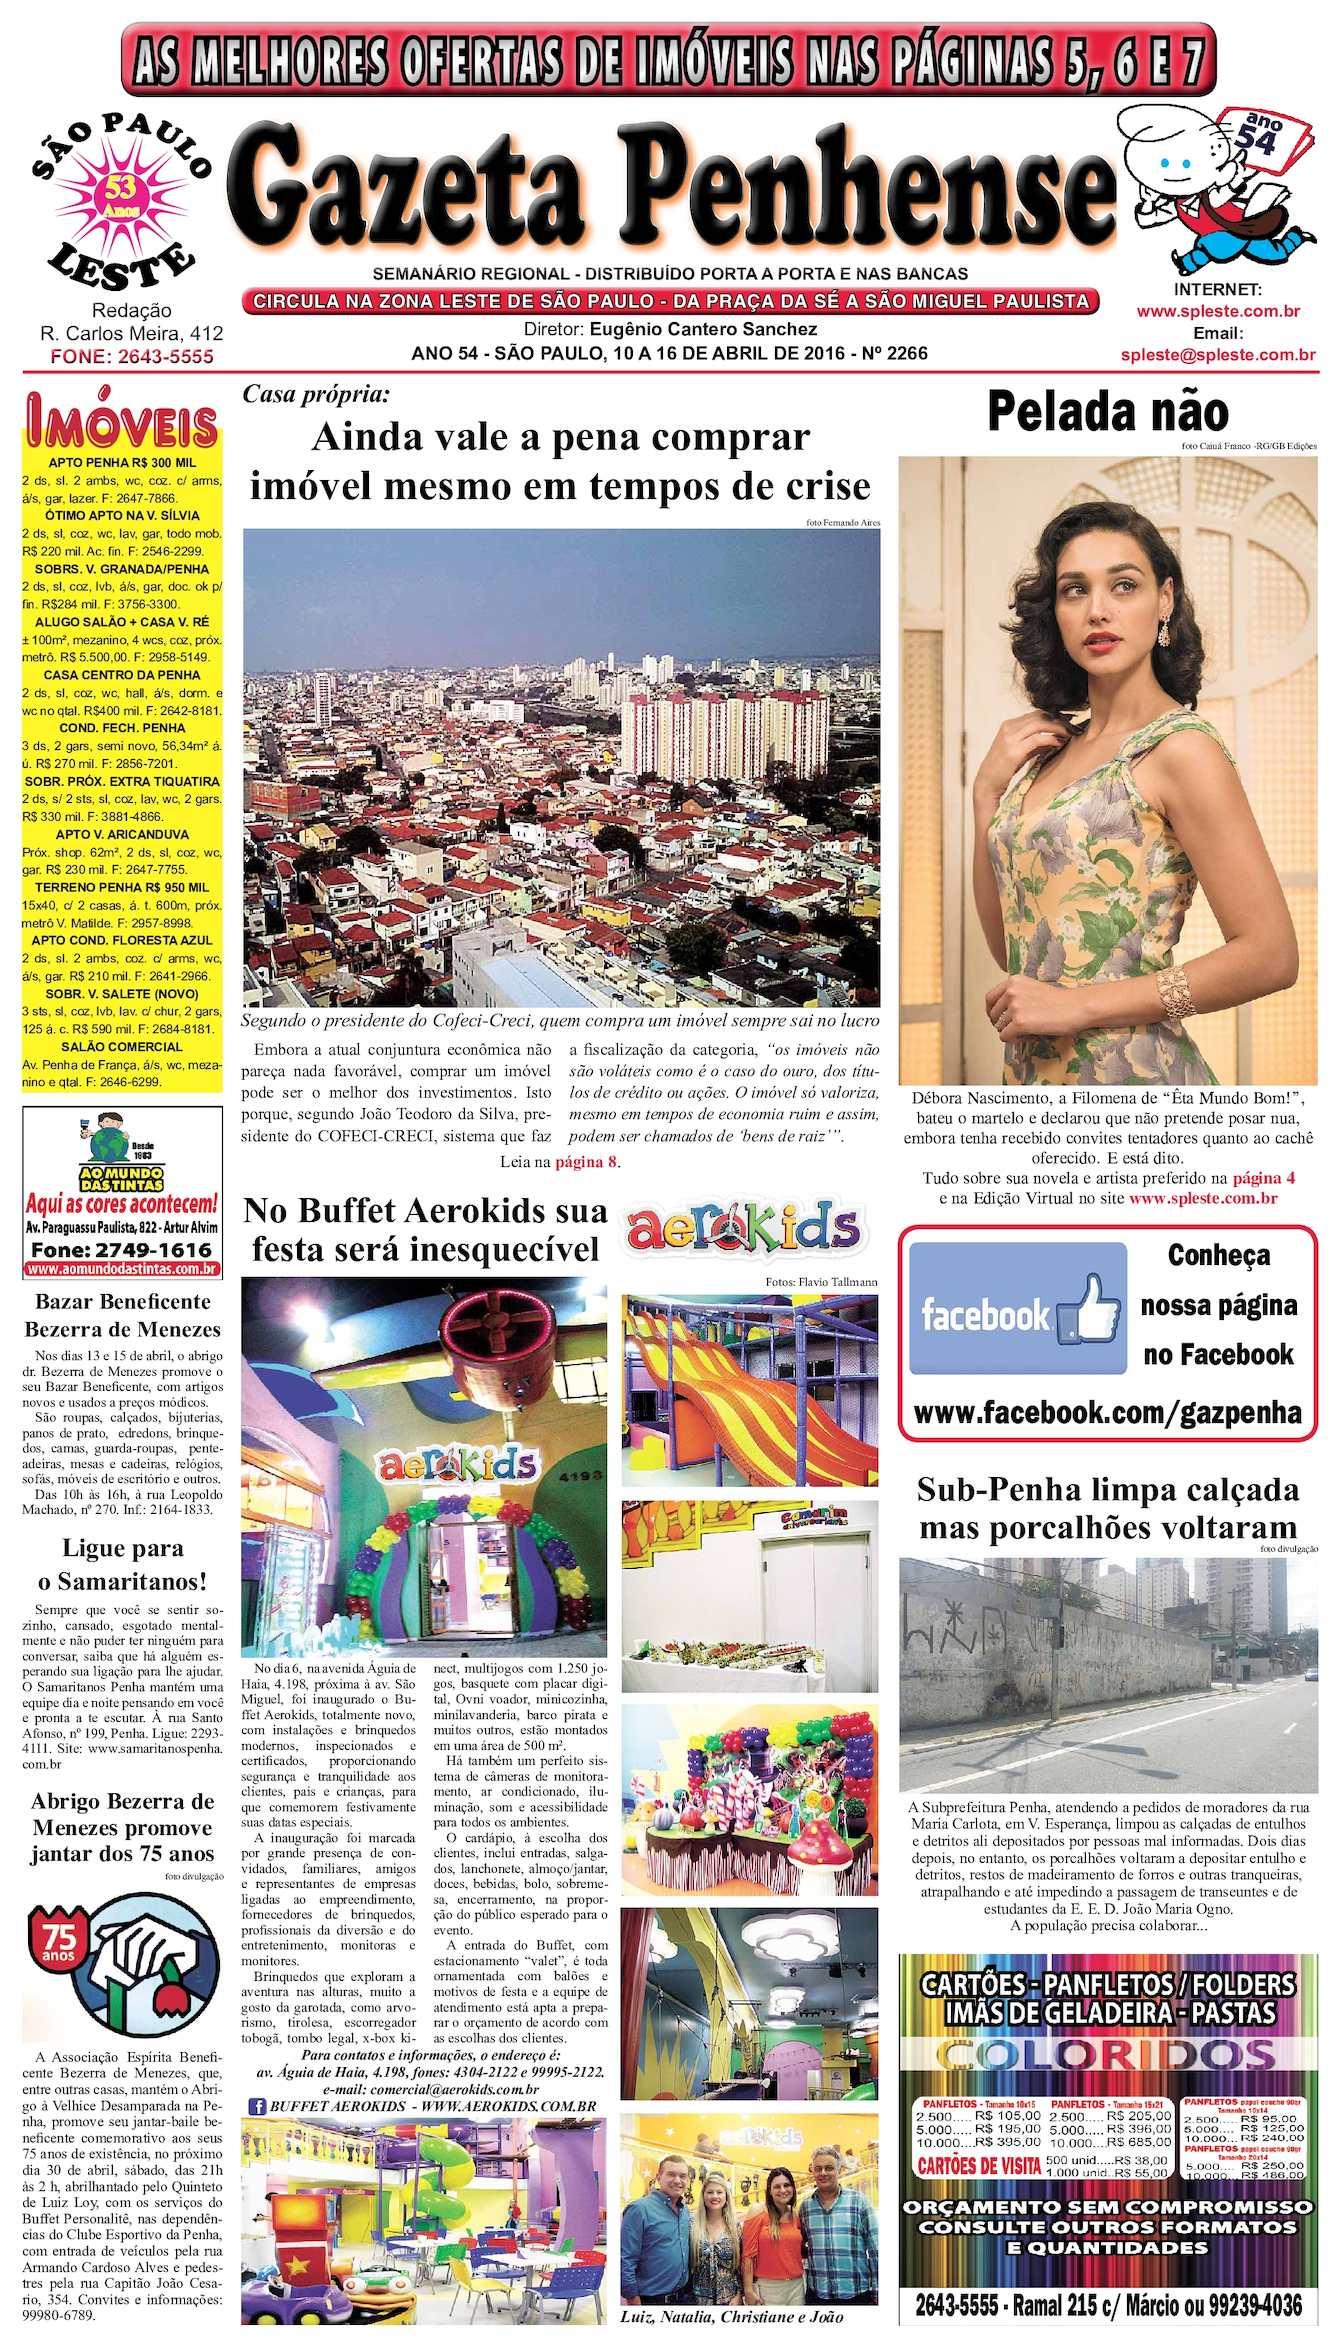 6754a72845e58 Calaméo - Gazeta Penhense - edição 2266 - 10 a 16.04.16